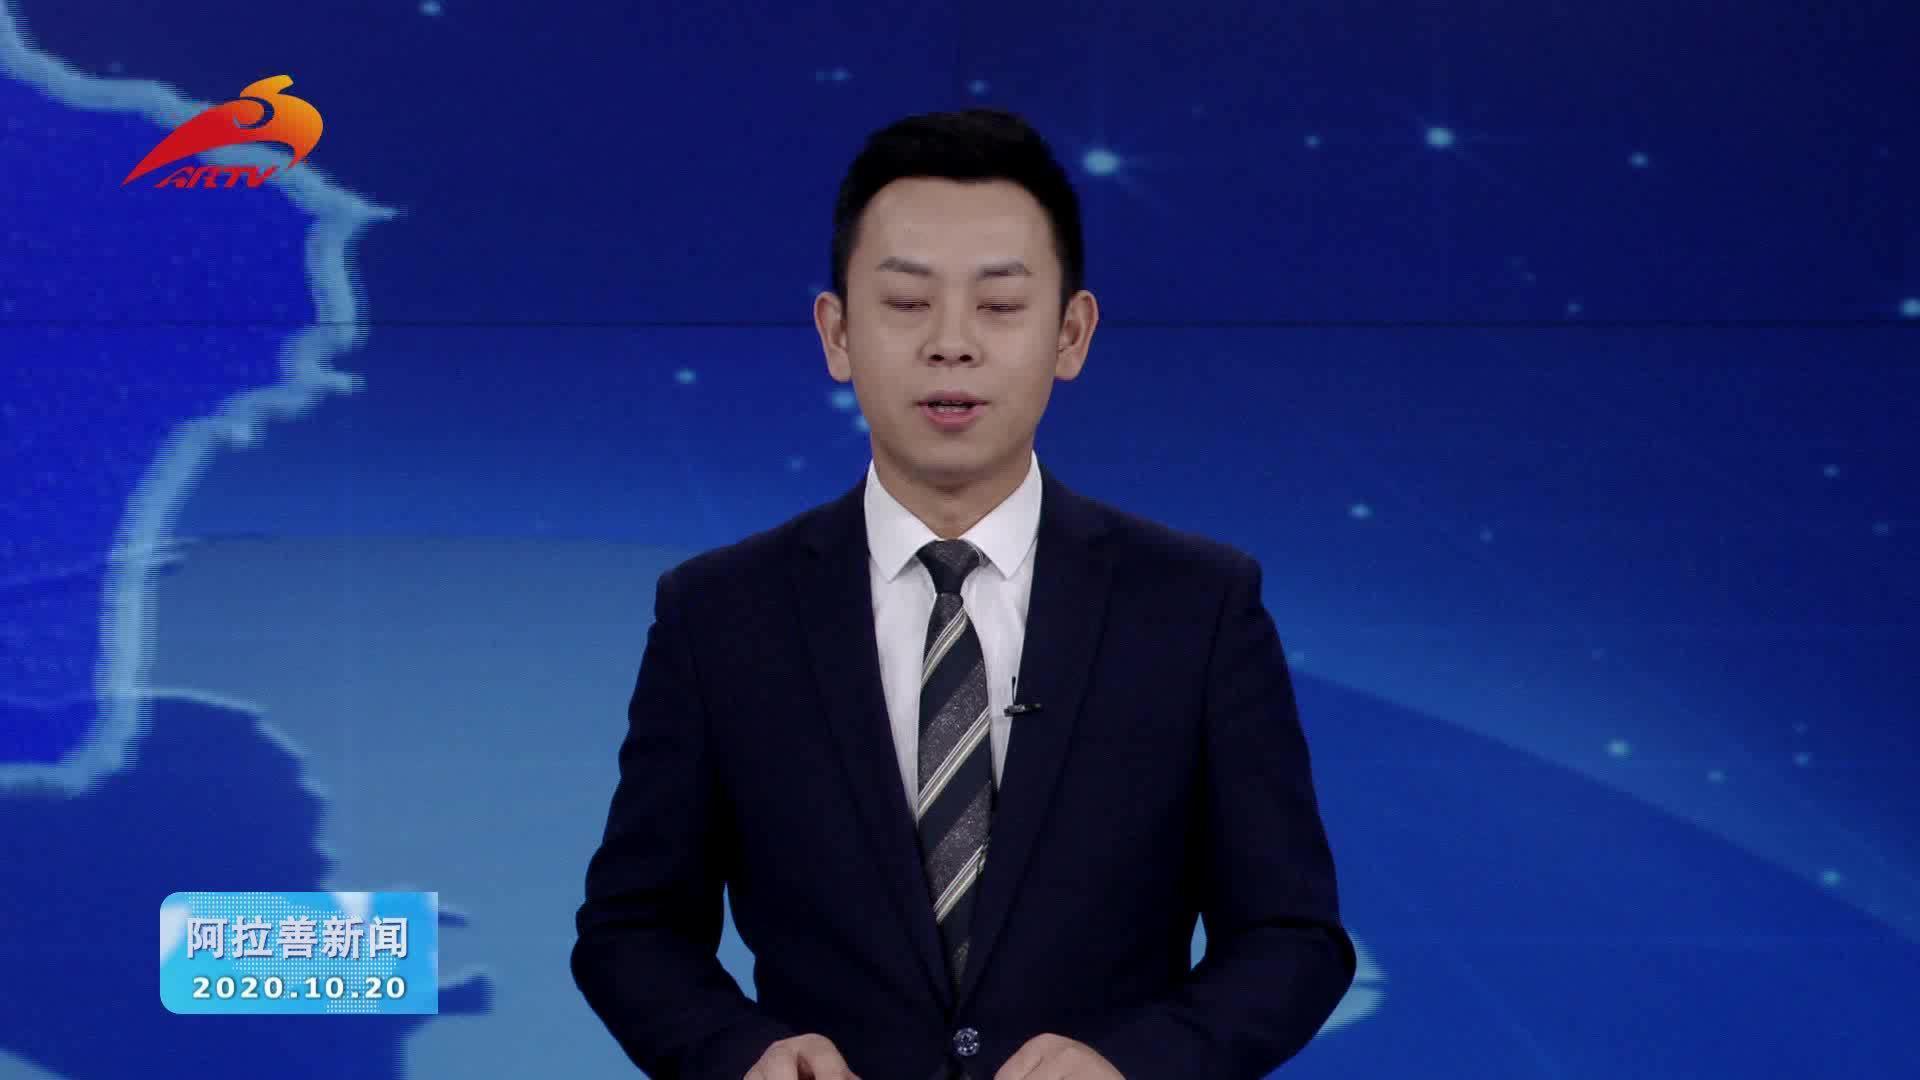 第十七届中国·内蒙古草原文化节2020内蒙古合唱大赛阿拉善展演活